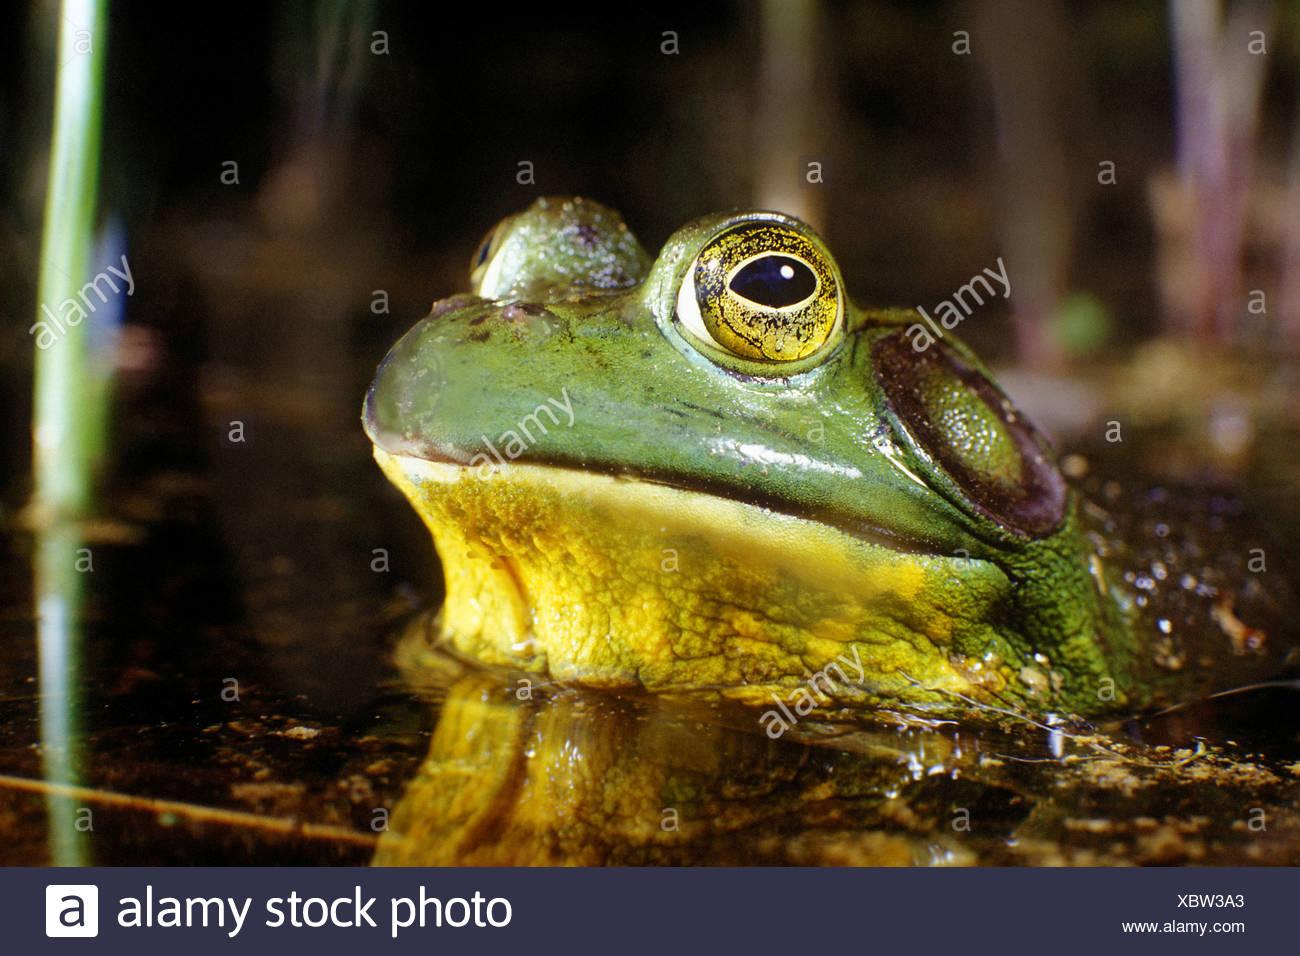 Con ojos saltones, una rana toro surge de las profundidades de su hervidora estanque hábitat en Cape Cod, Massachusetts. Foto de stock